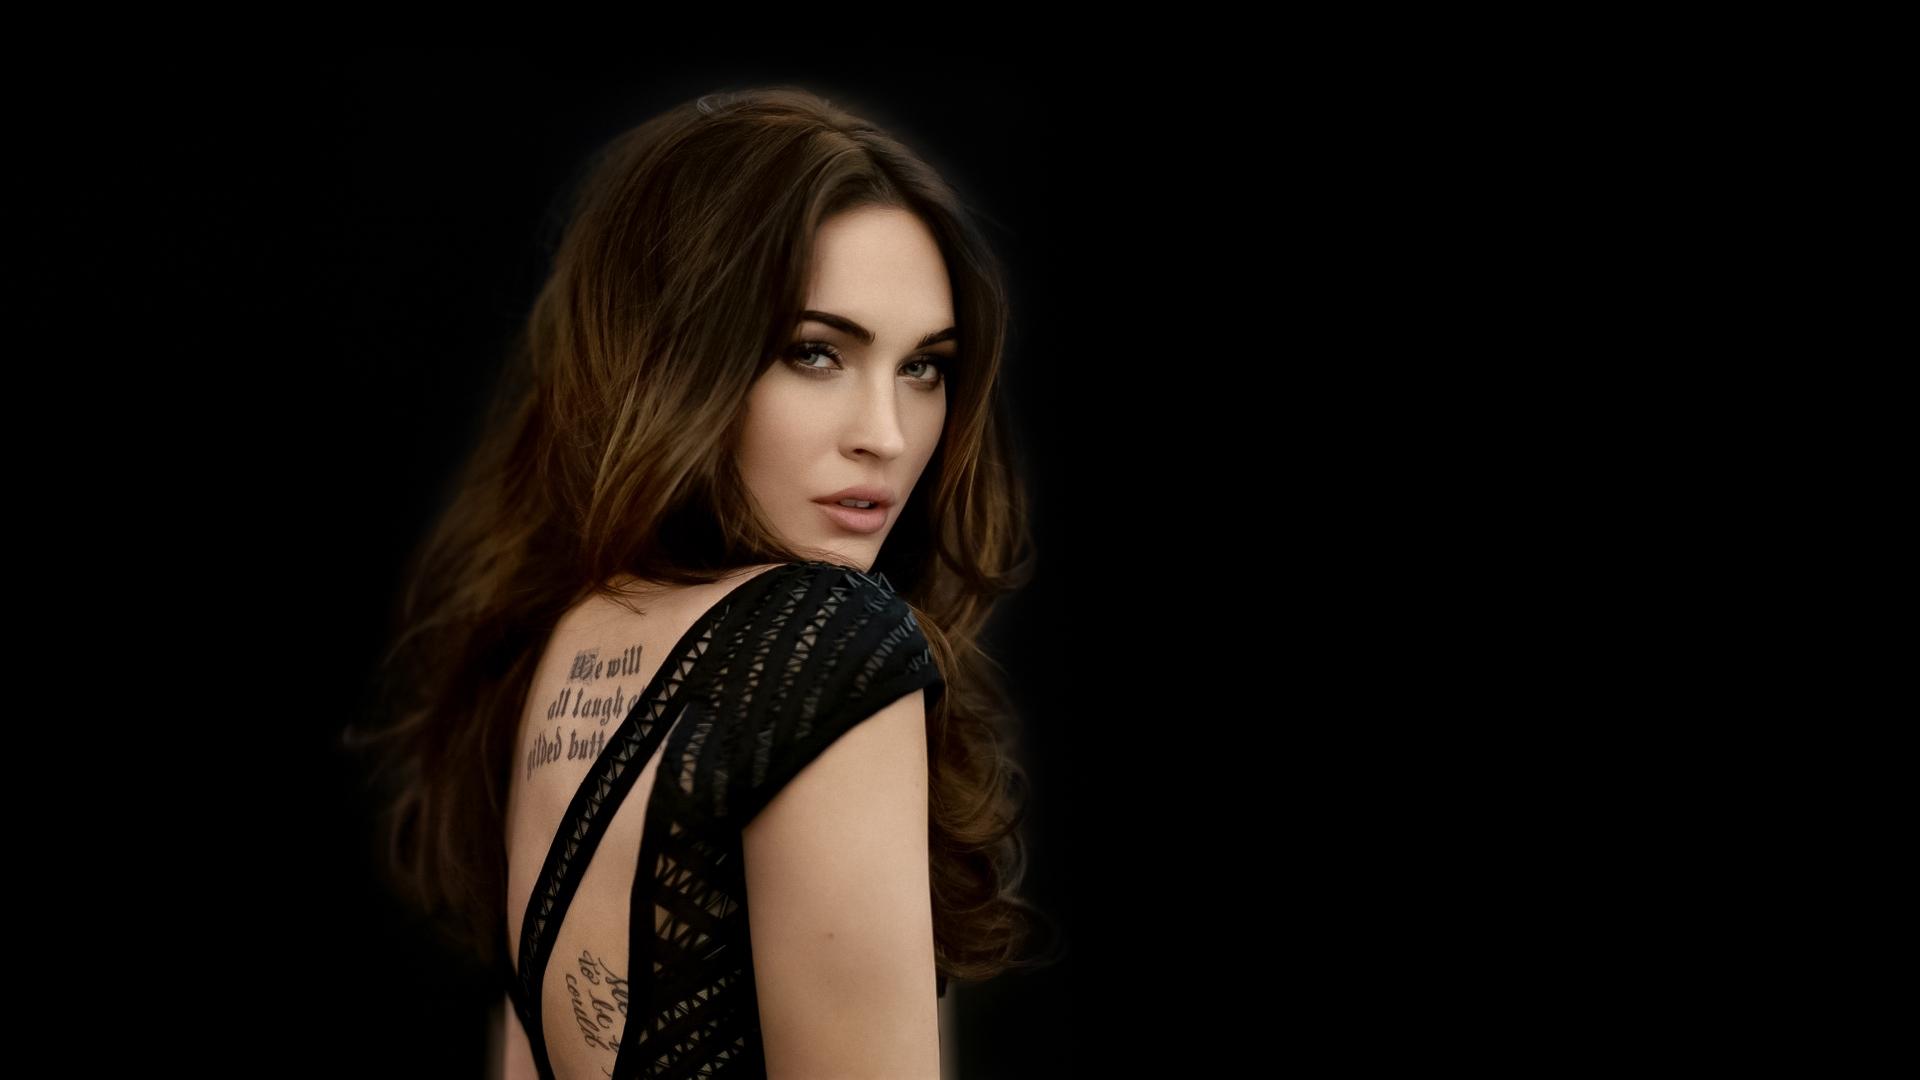 Megan Fox Tattoo Hd Wallpaper